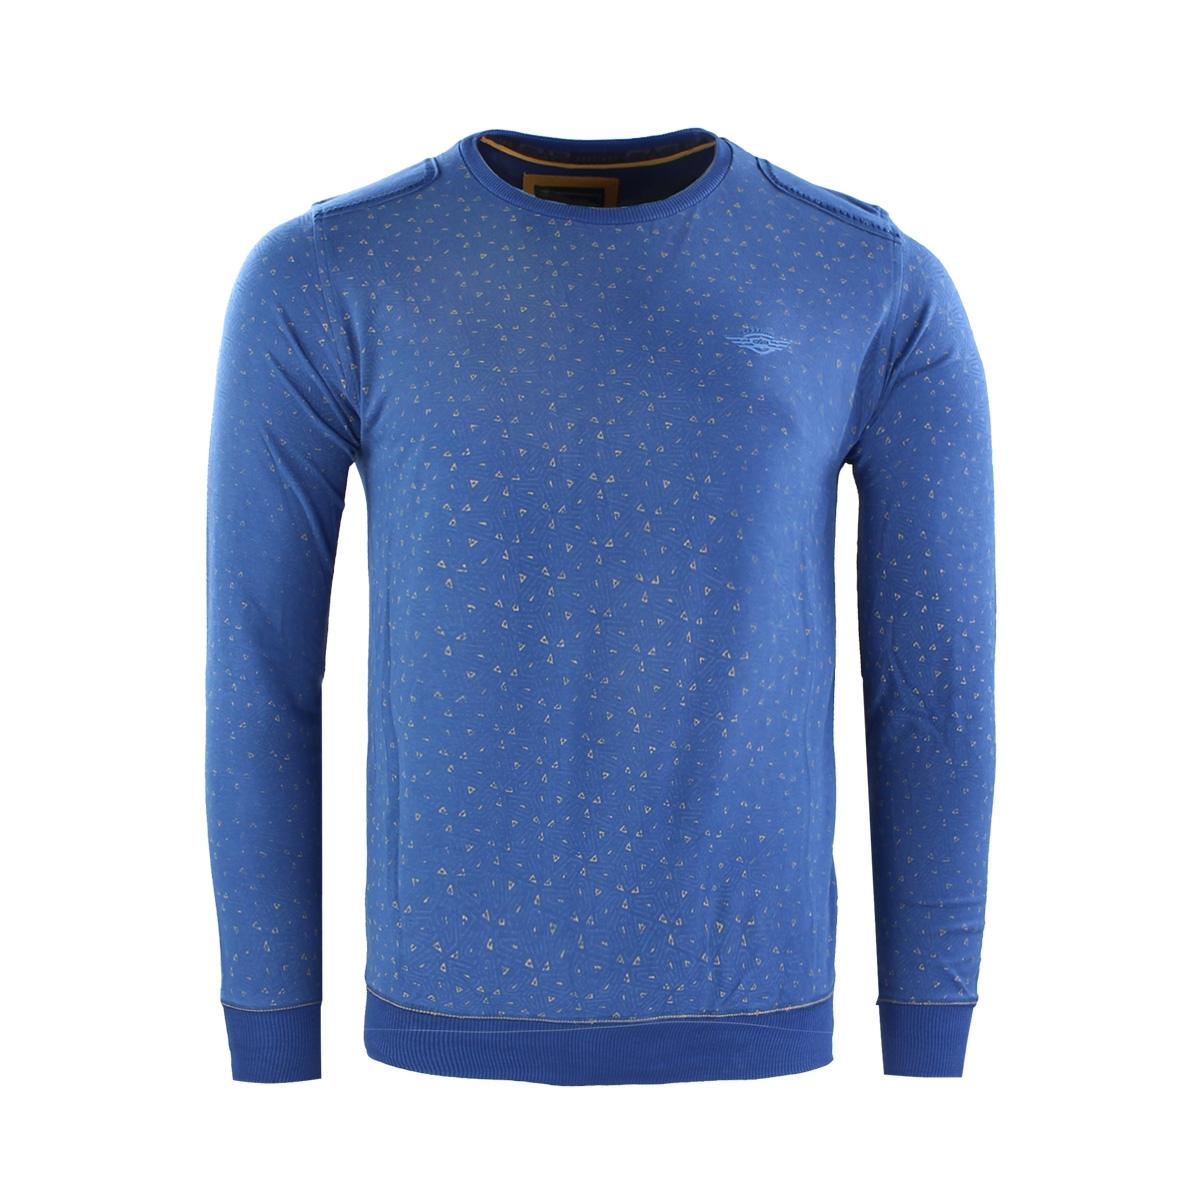 sweaters 77100 gabbiano sweater cobalt